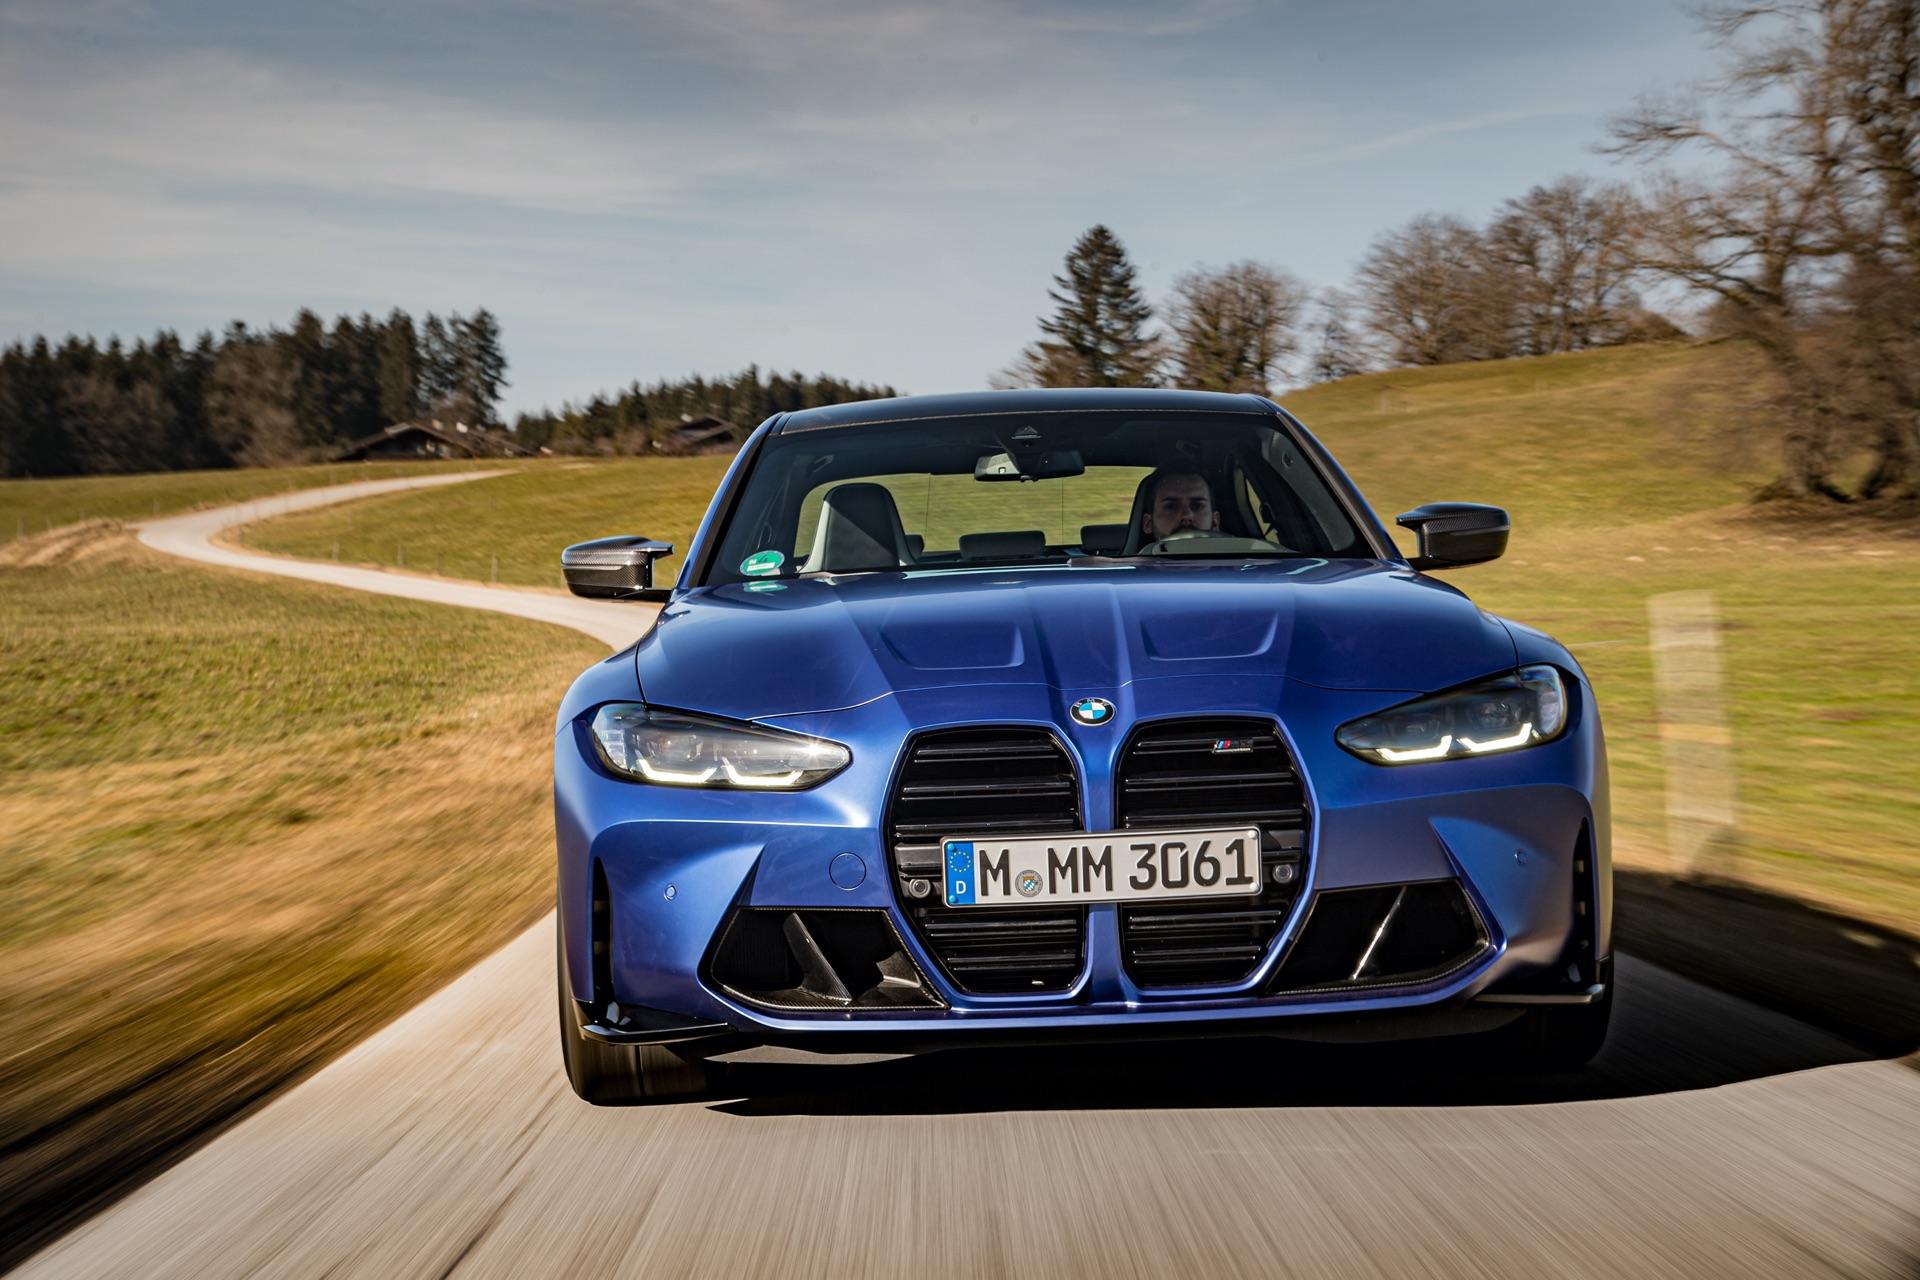 Portimao Blue BMW G80 M3